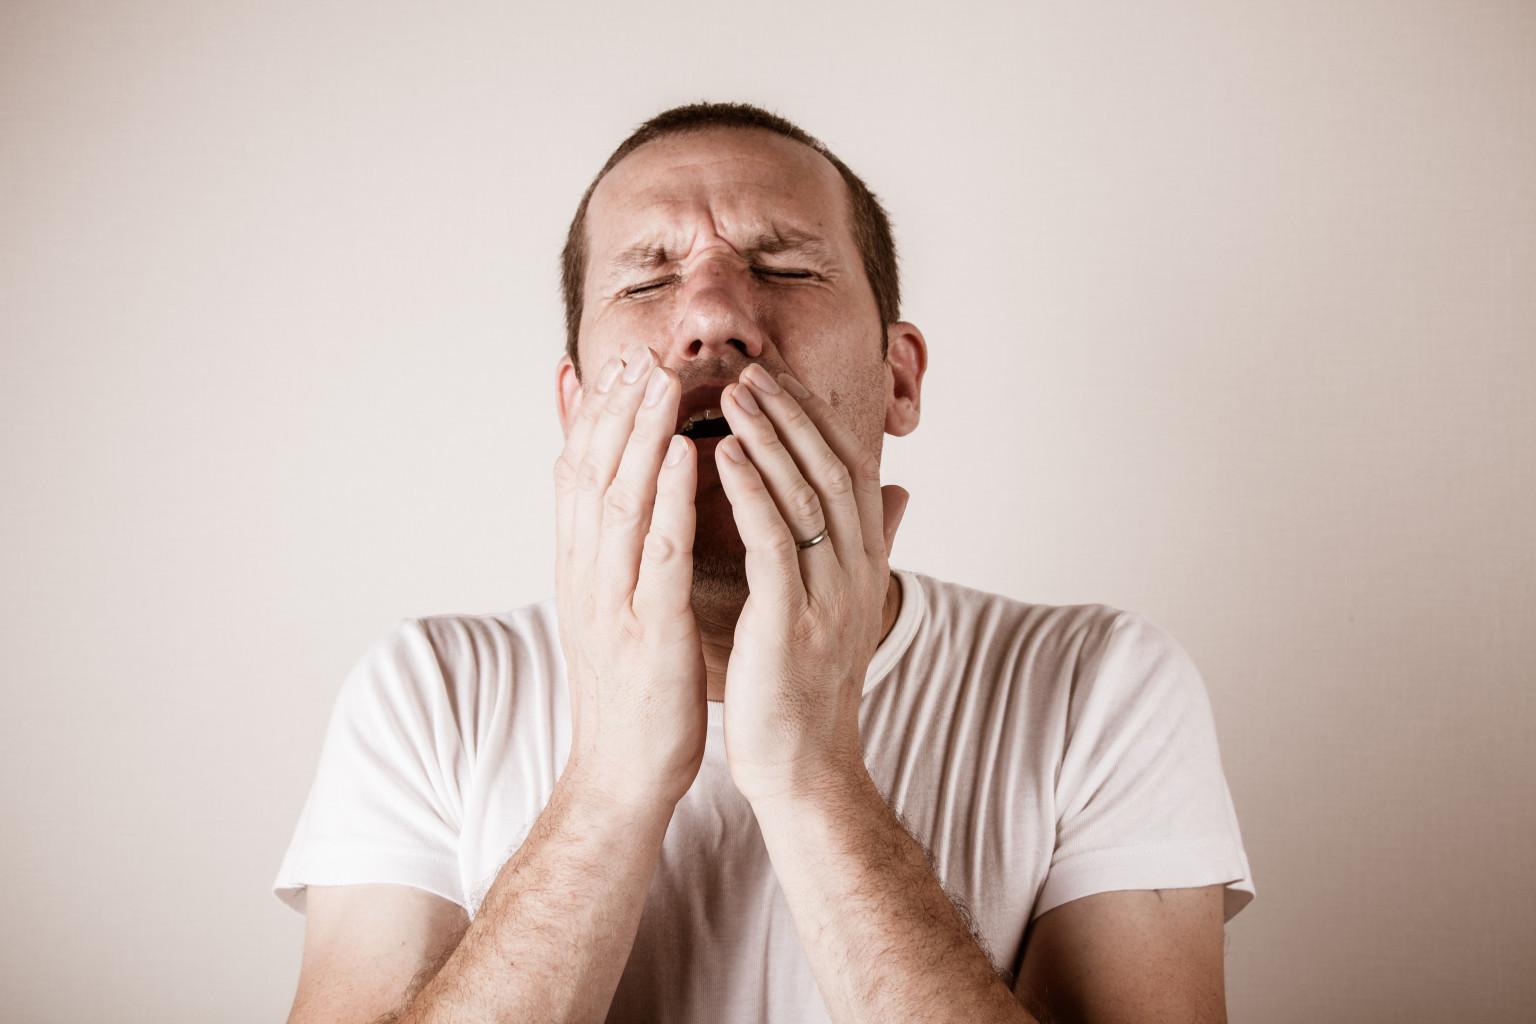 Чем вылечить кашель у взрослого в домашних условиях быстро